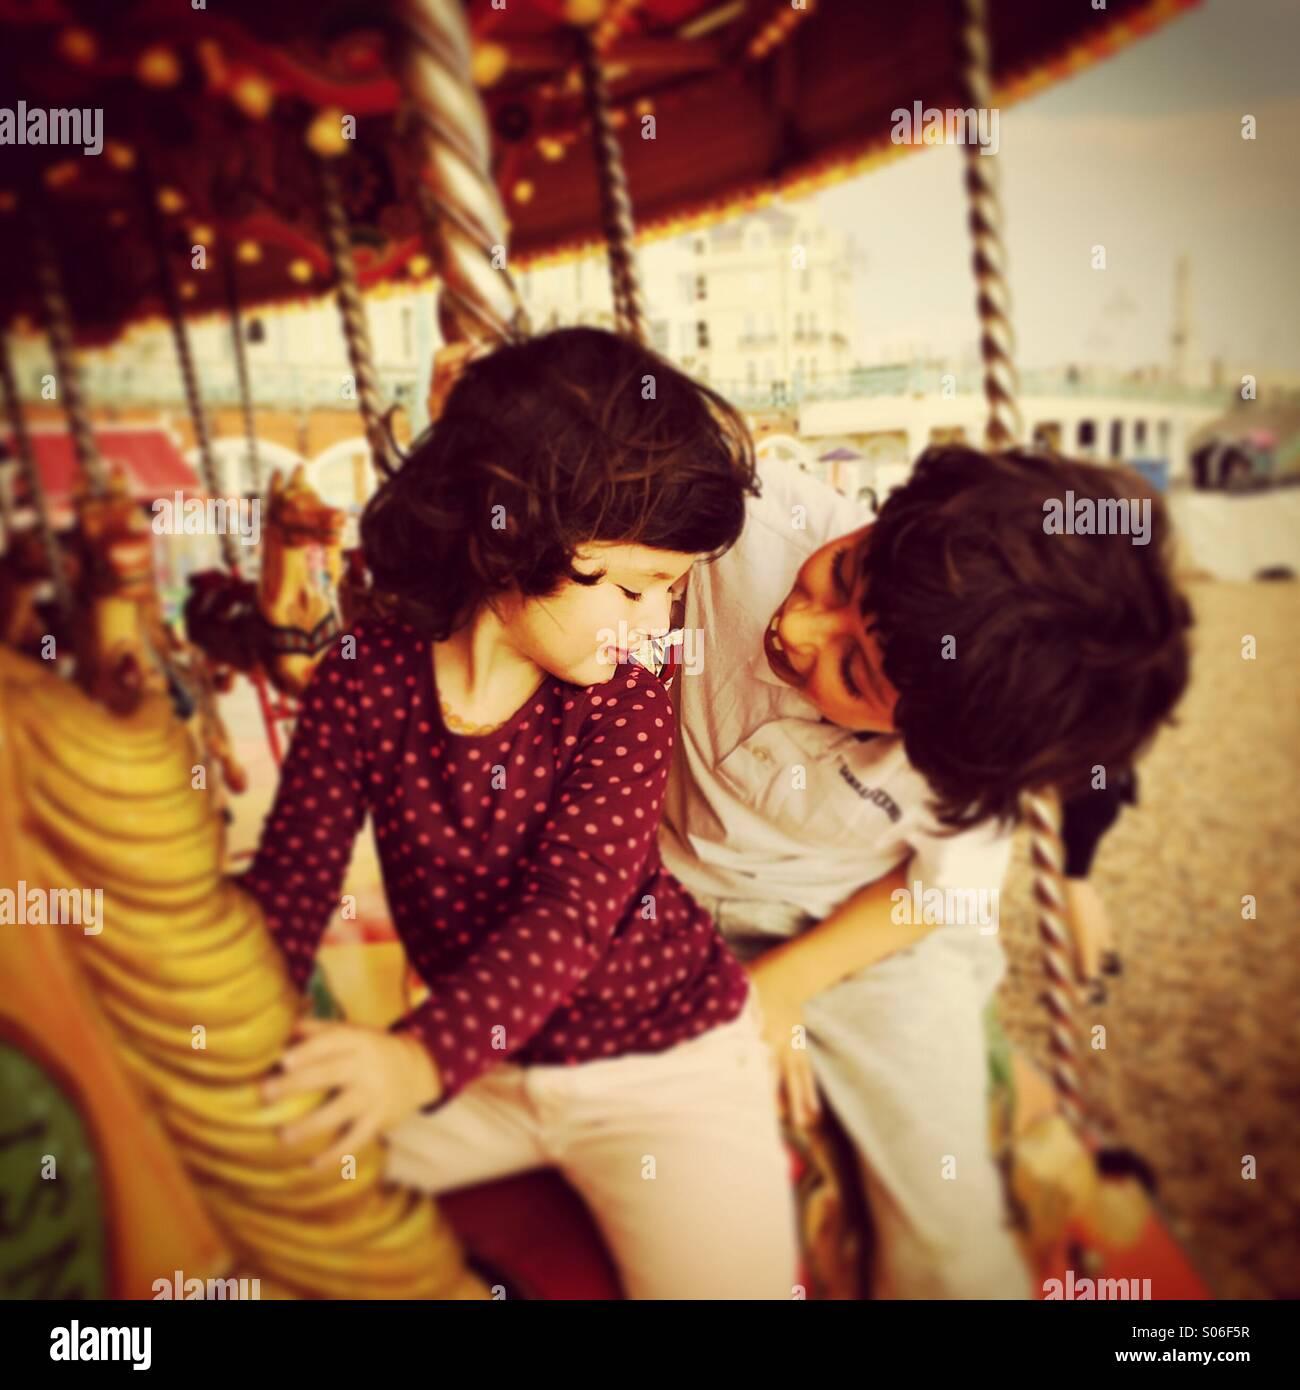 Fratello e Sorella e divertirsi su un merry-go-round / giostra a Brighton, Inghilterra Immagini Stock